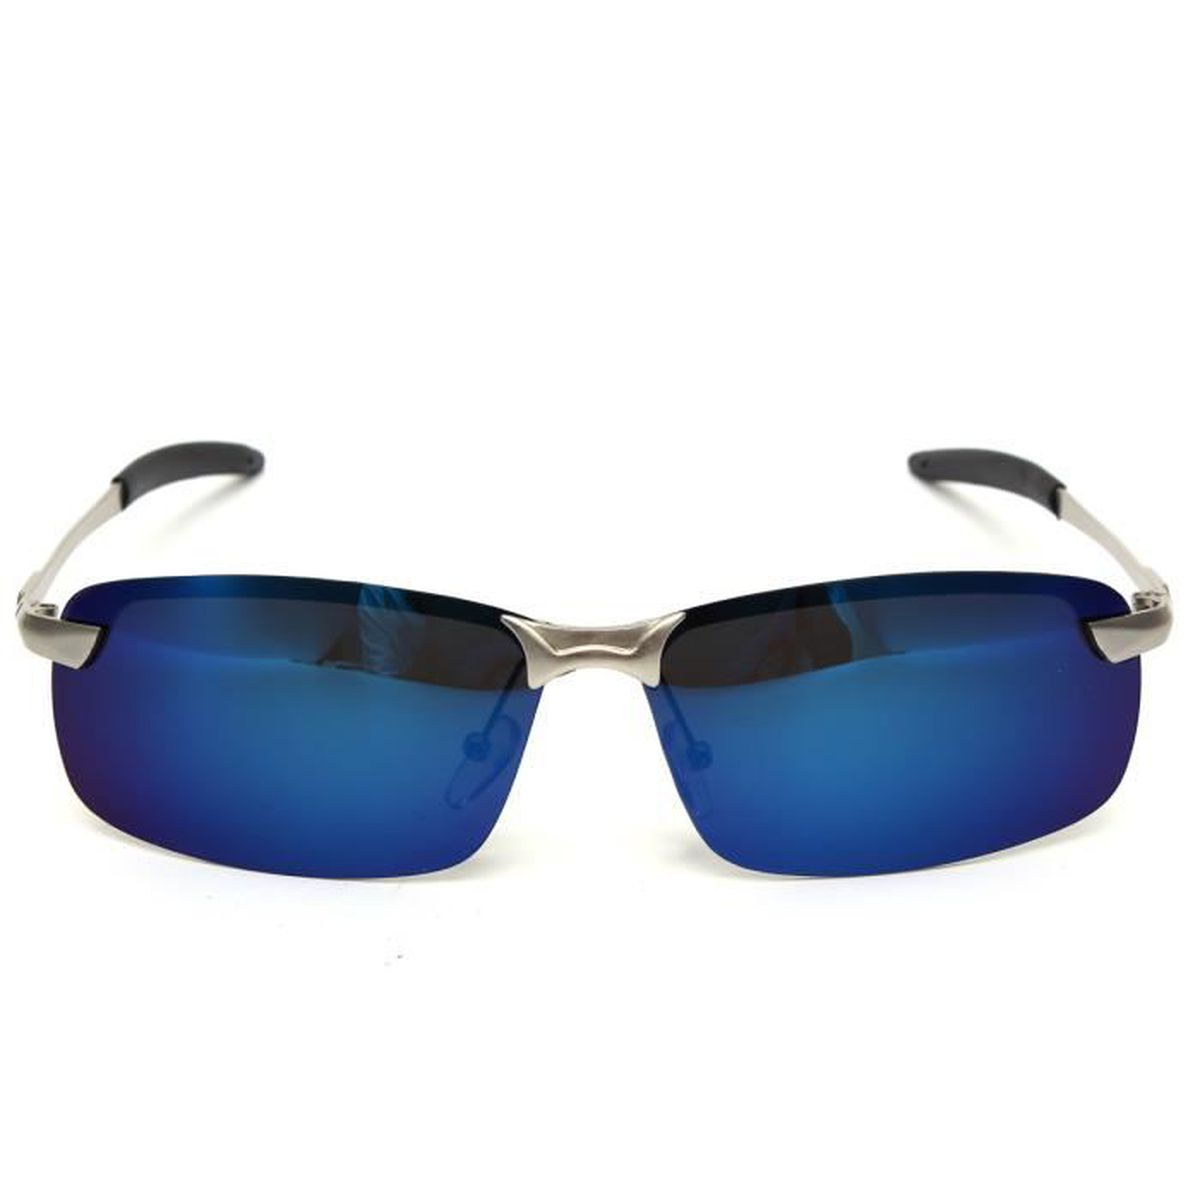 lunette de soleil homme polarisee bleu achat vente pas cher cdiscount